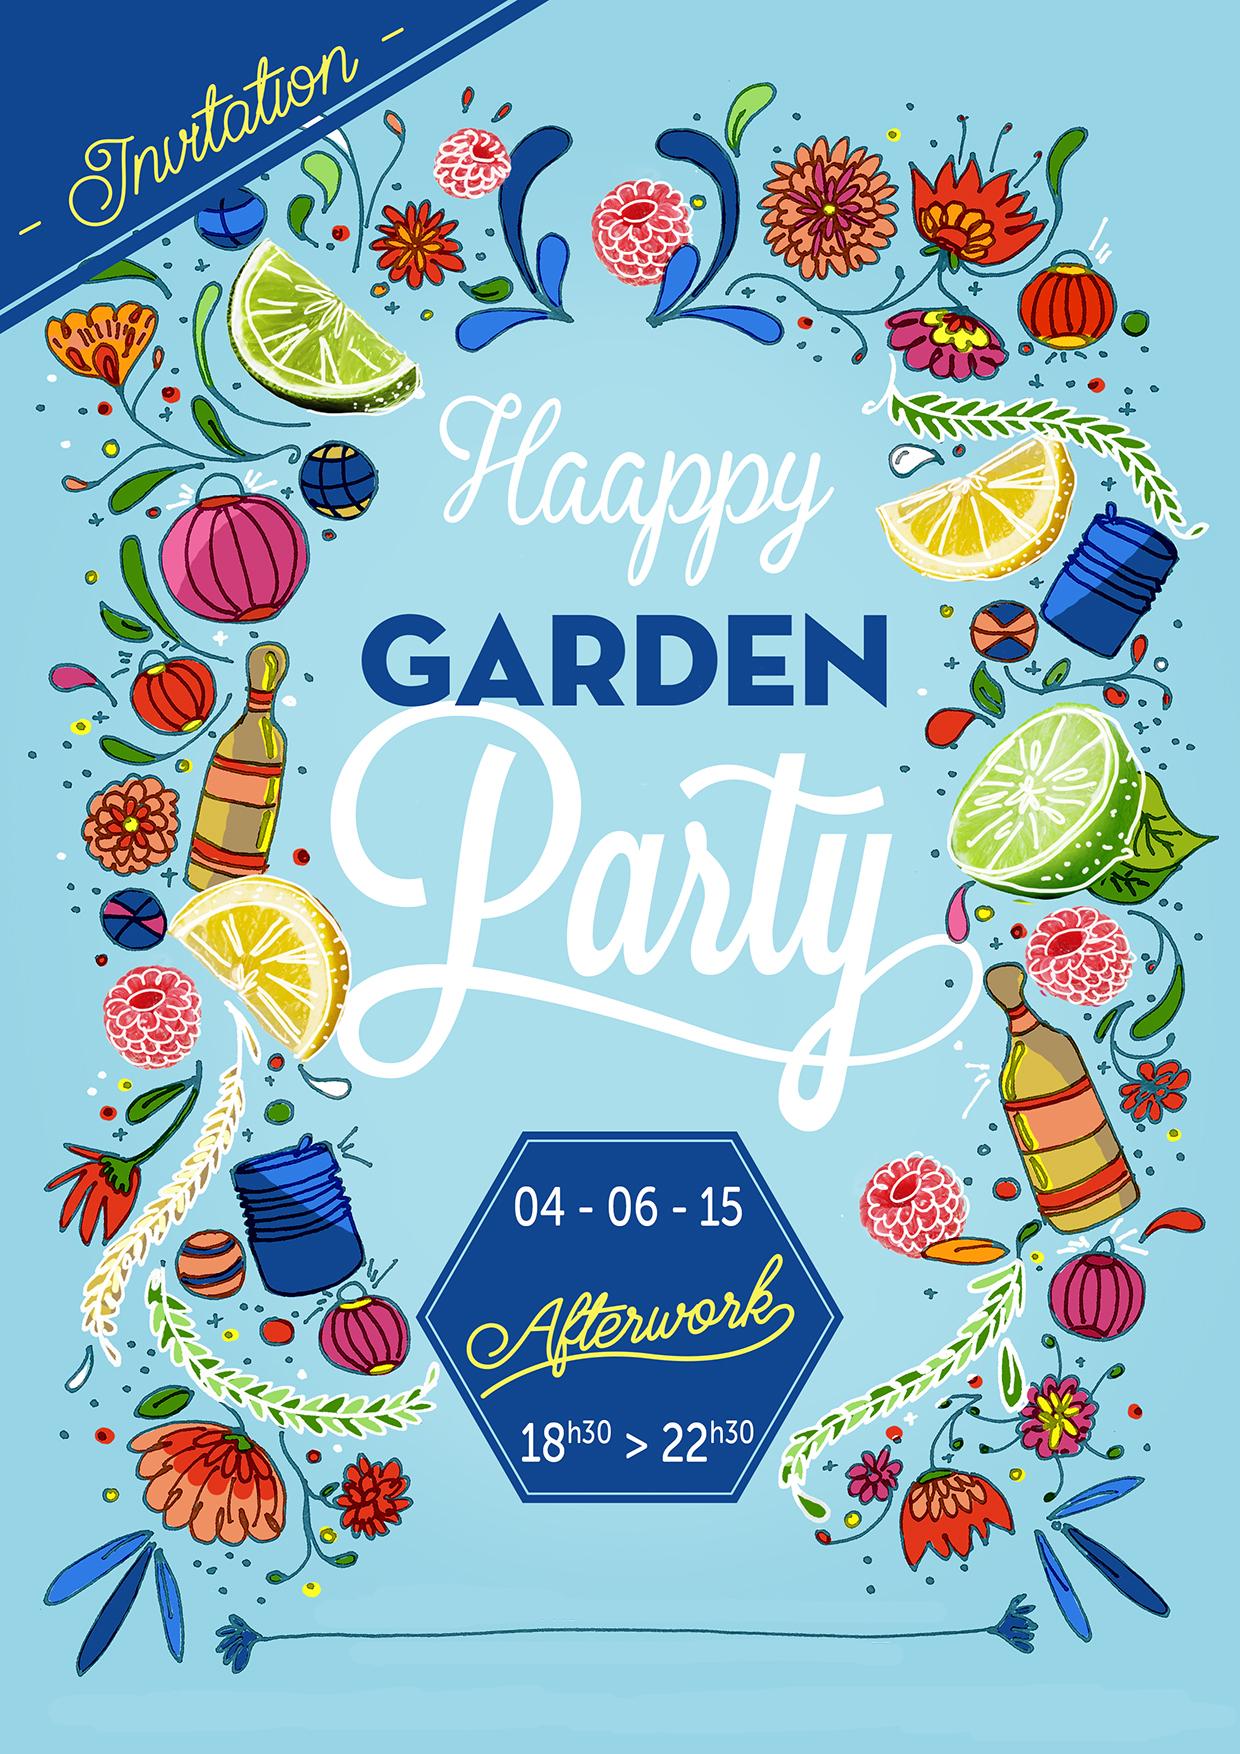 HAPPY GARDEN PARTY x 4 JUIN 2015 x CONCOURS - LAPPOMS